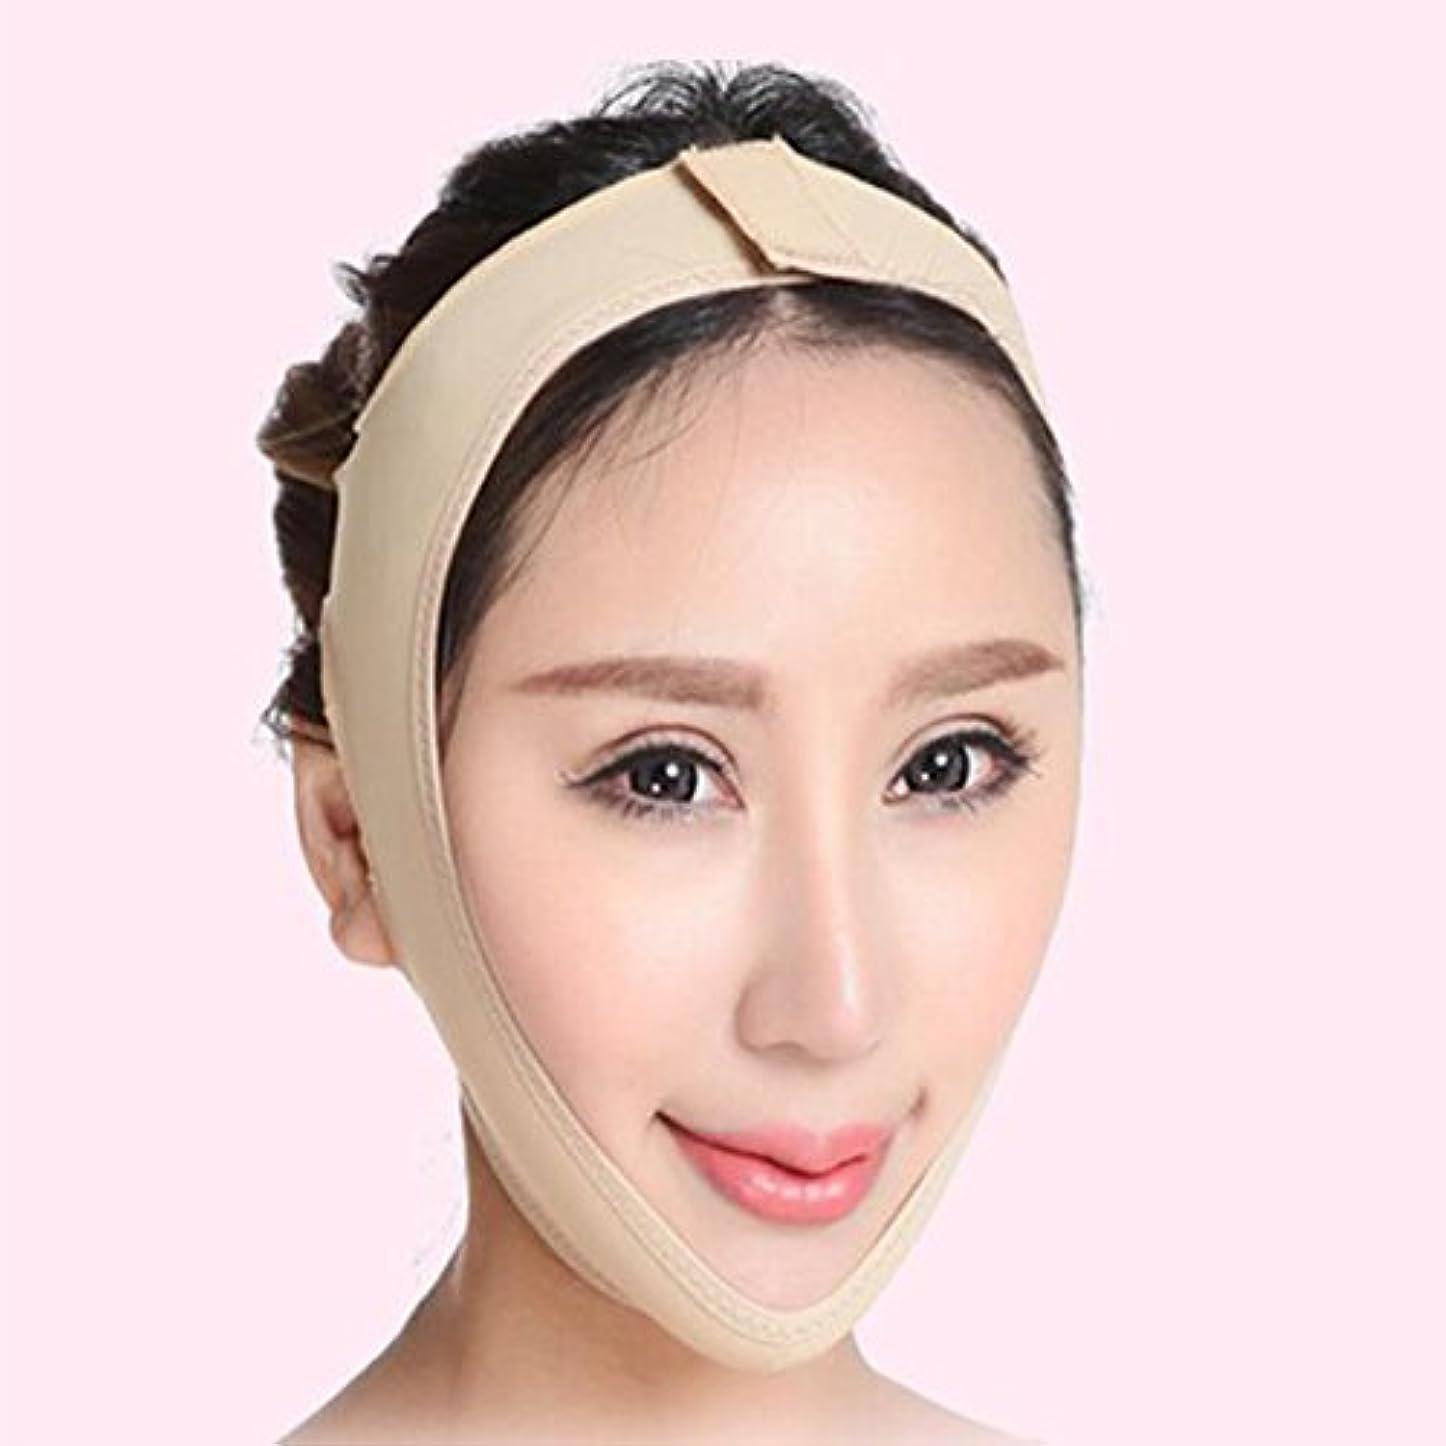 教室簡単にくびれた1stモール 小顔 小顔マスク リフトアップ マスク フェイスライン 矯正 あご シャープ メンズ レディース Sサイズ ST-AZD15003-S